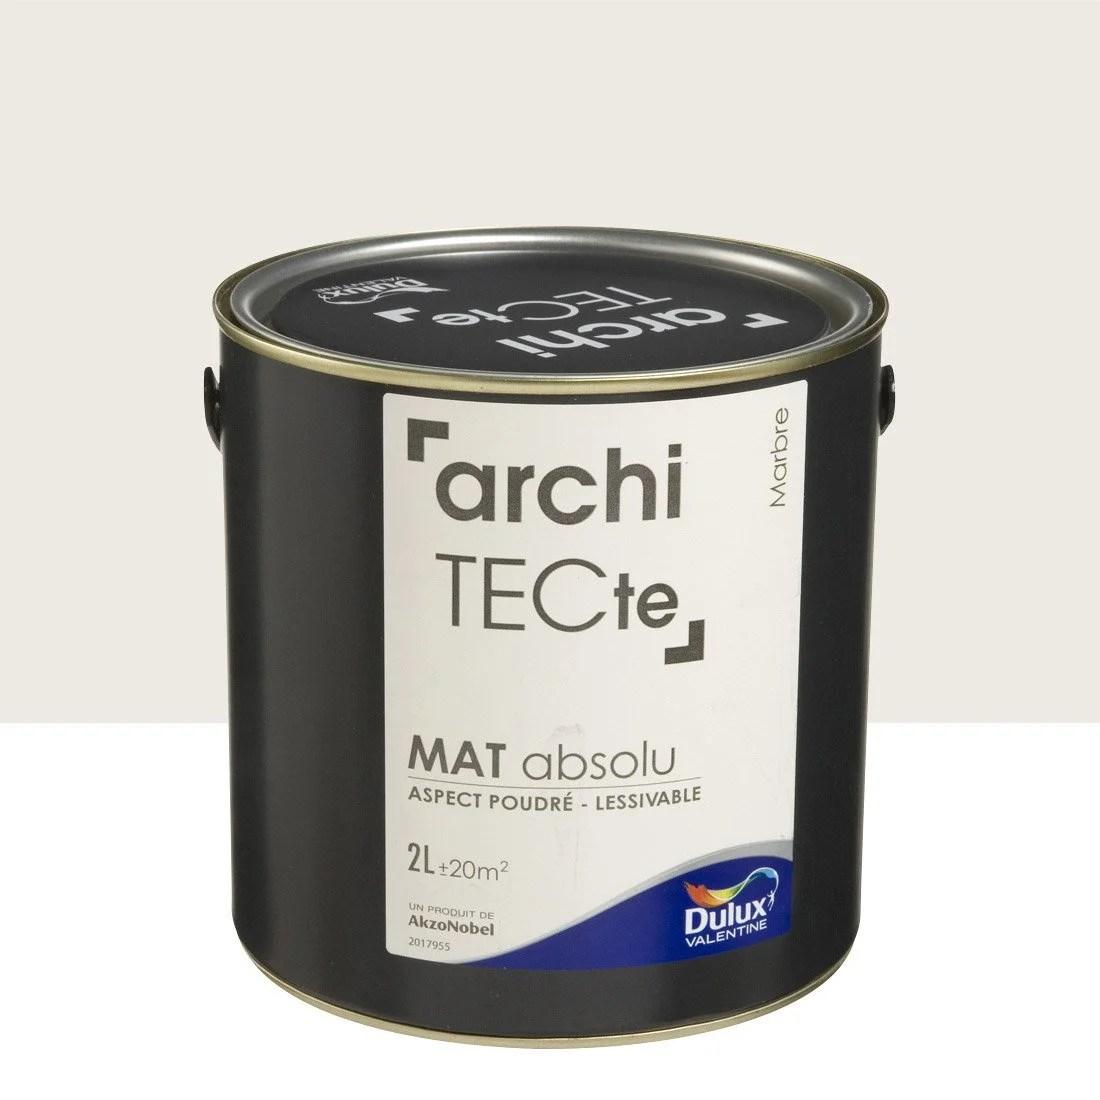 Peinture Beige Marbre Mat DULUX VALENTINE Architecte 2 L